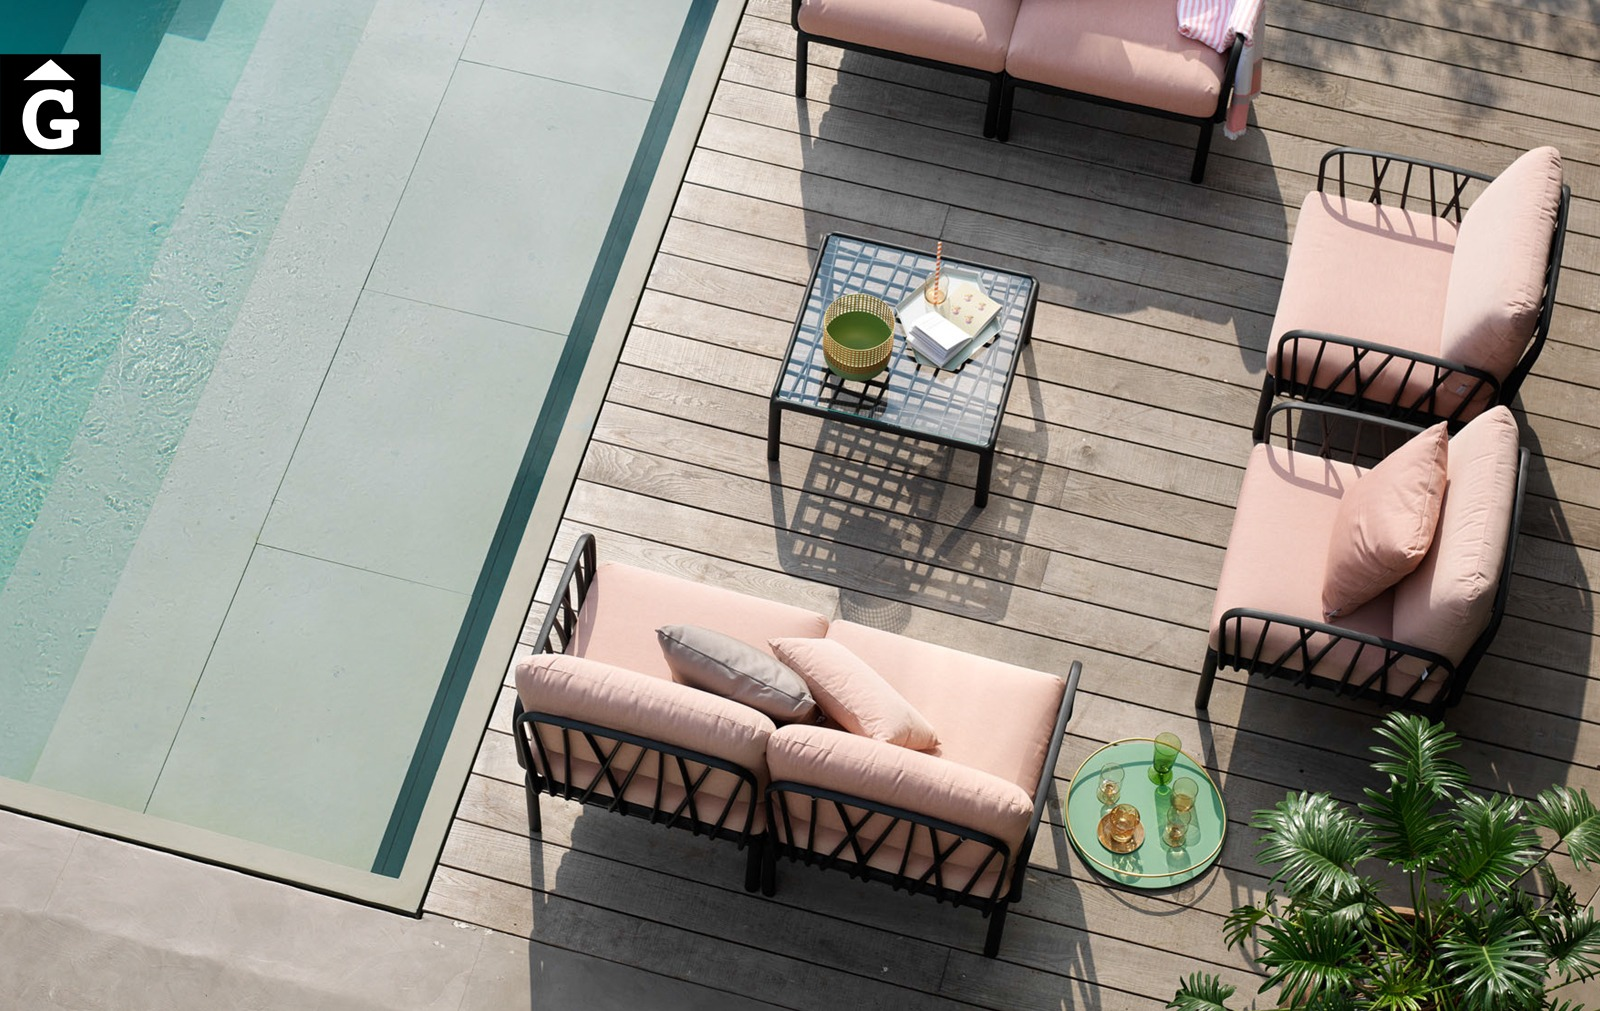 Sofà Komodo Antracita i Rosa Quars | Nardi | mobiliari d'exterior amb disseny i a preus molt competitius | Premiat amb el Good Design Award de Xicago i amb German Design Awards 2020